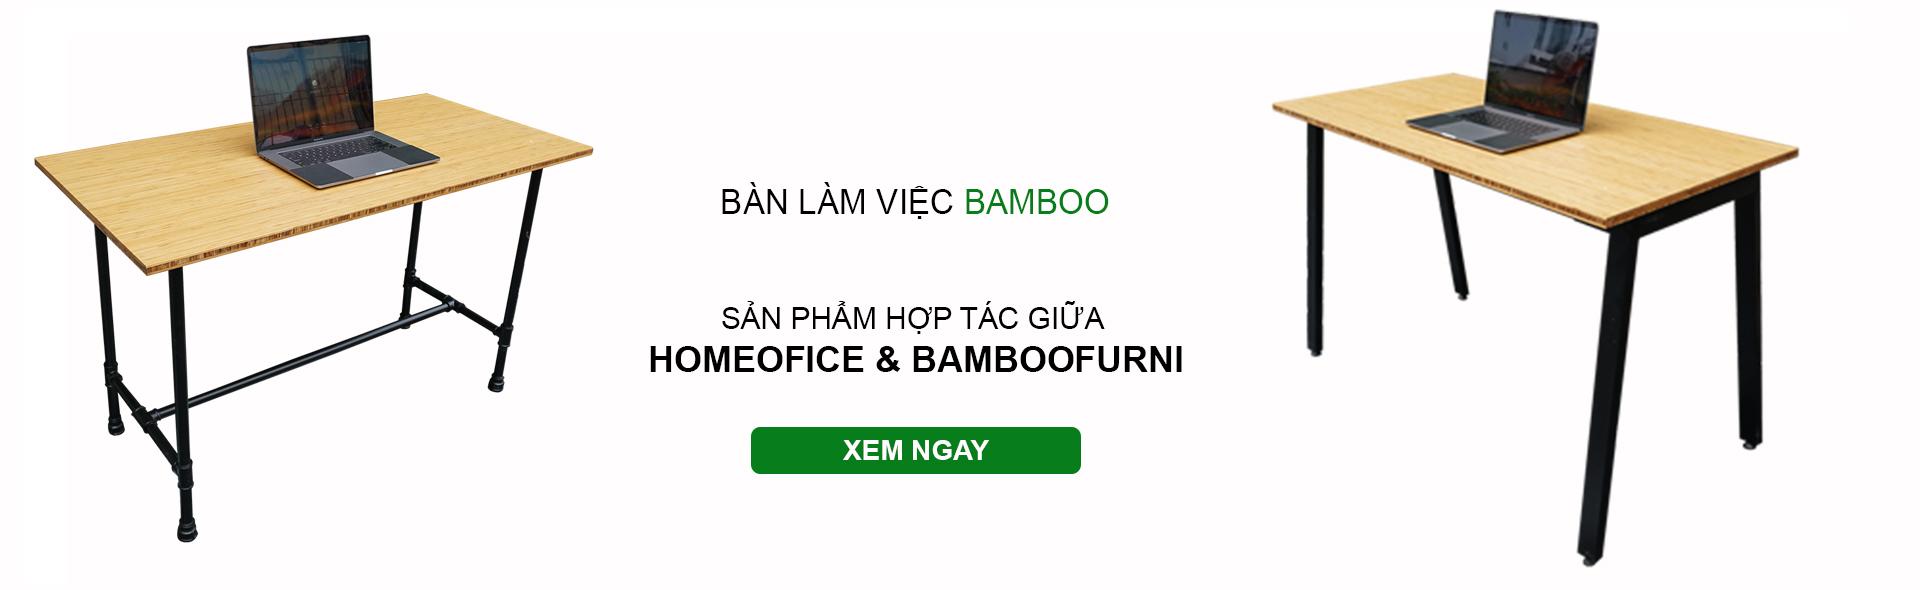 Hợp tác Homeoffice và bamboo